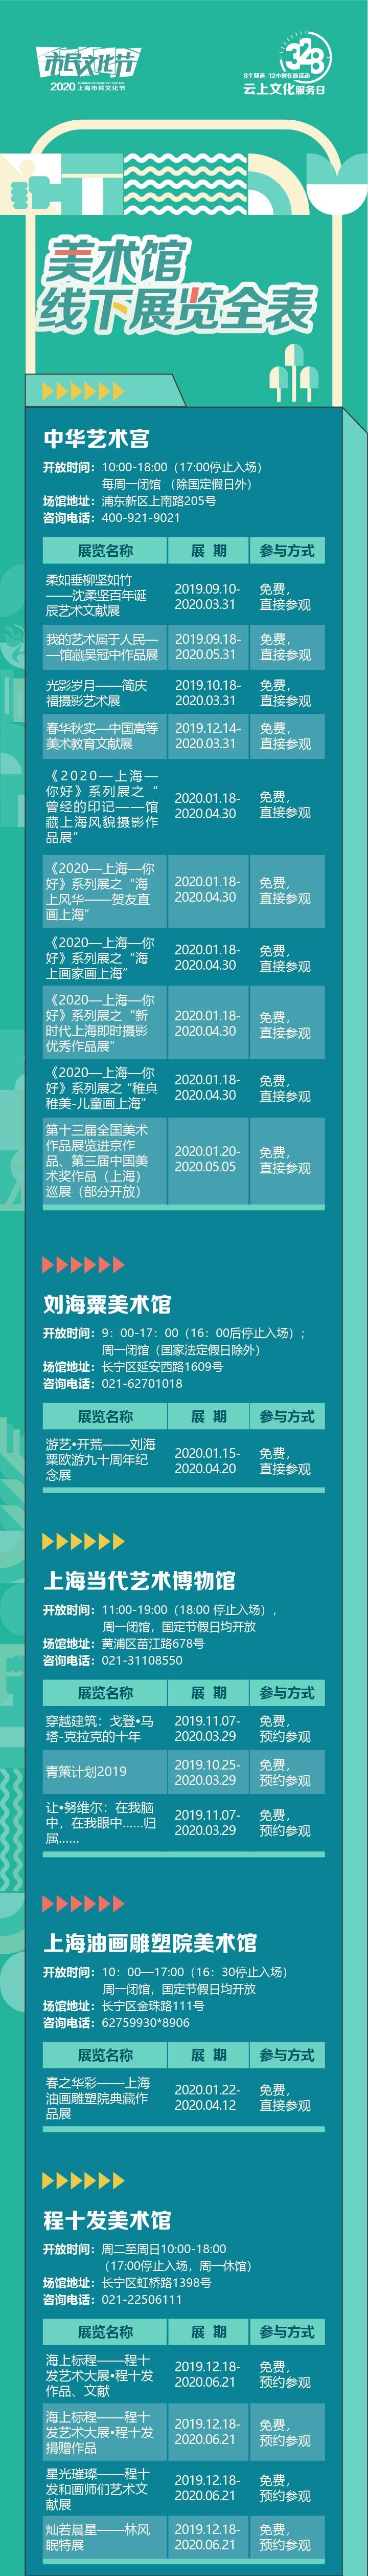 收好这张图,市民文化节期间轻松游上海美术馆